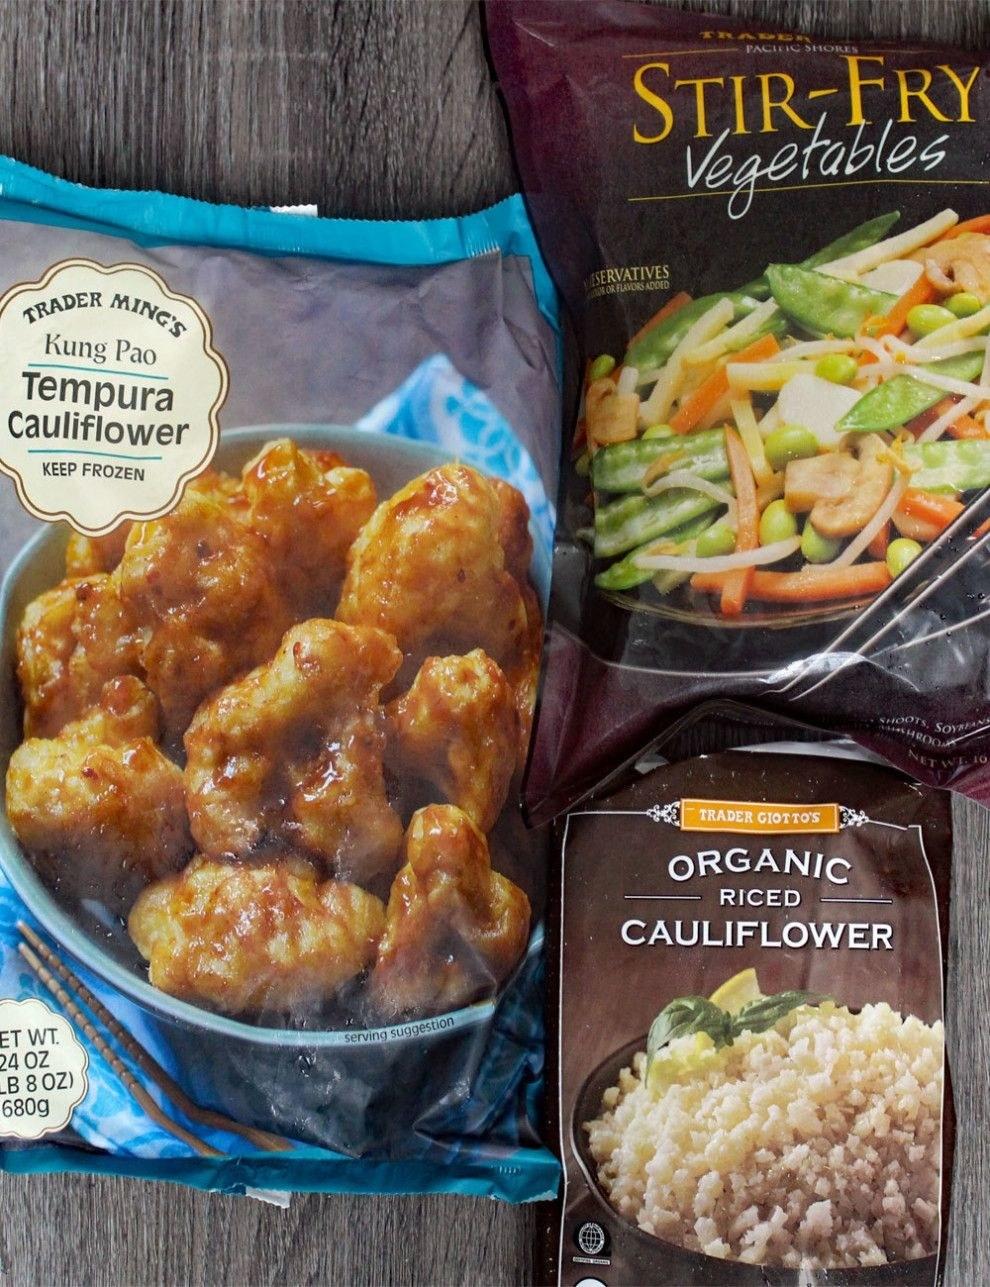 Frozen tempura cauliflower, riced cauliflower, and stir fry vegetables on a countertop.